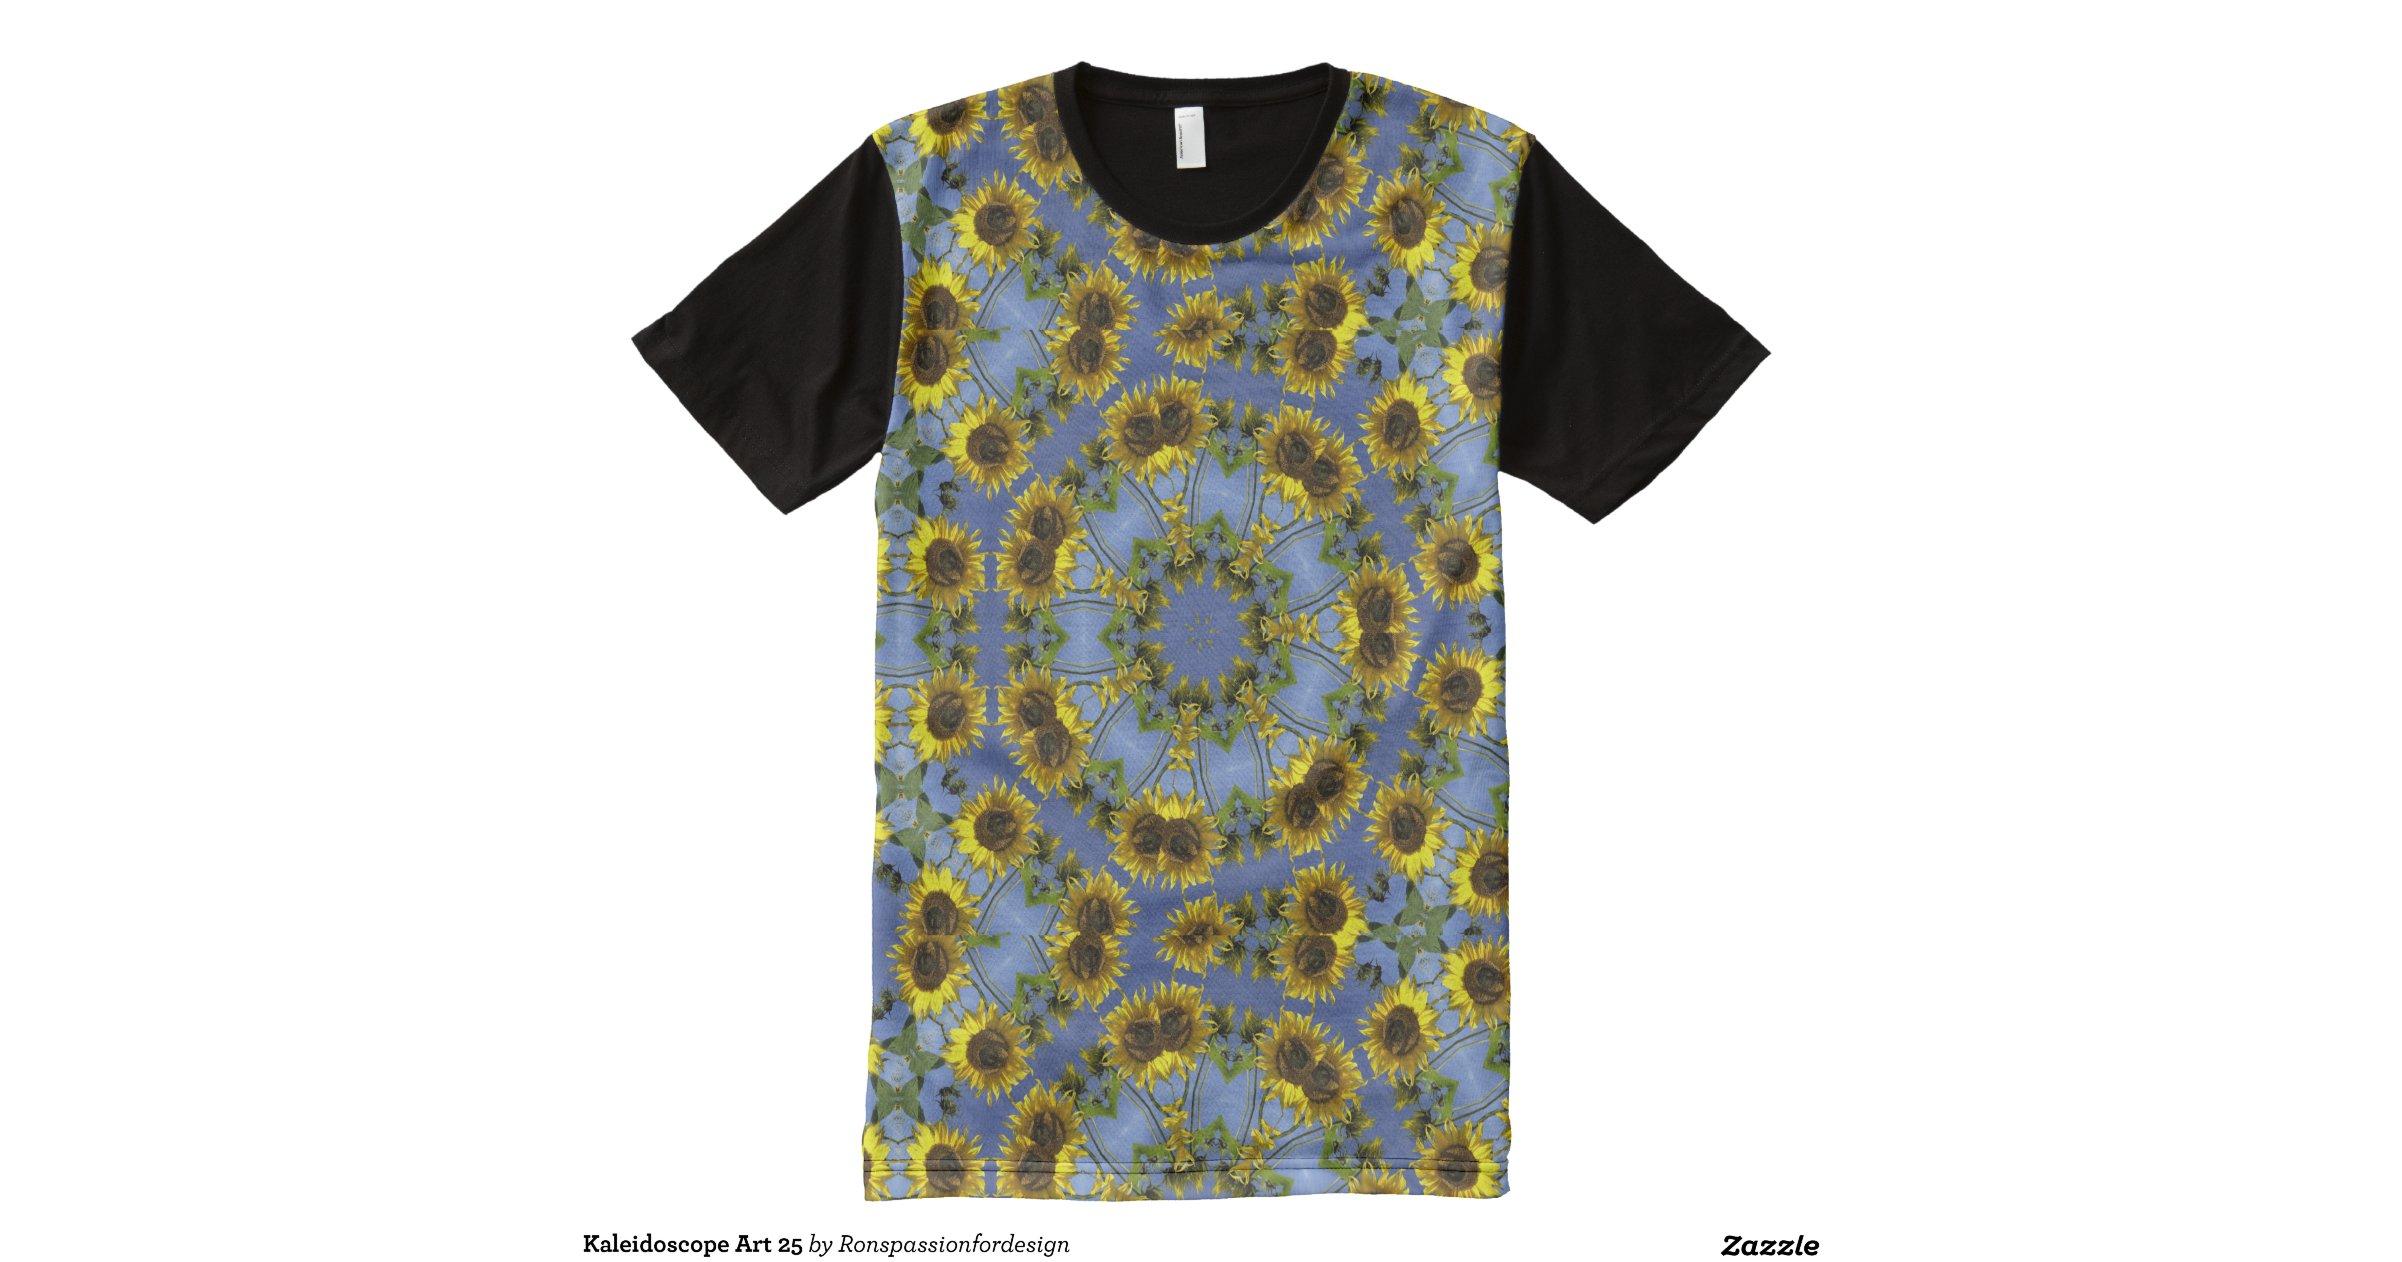 Kaleidoscope art 25 all over print t shirt zazzle for Vista print tee shirt